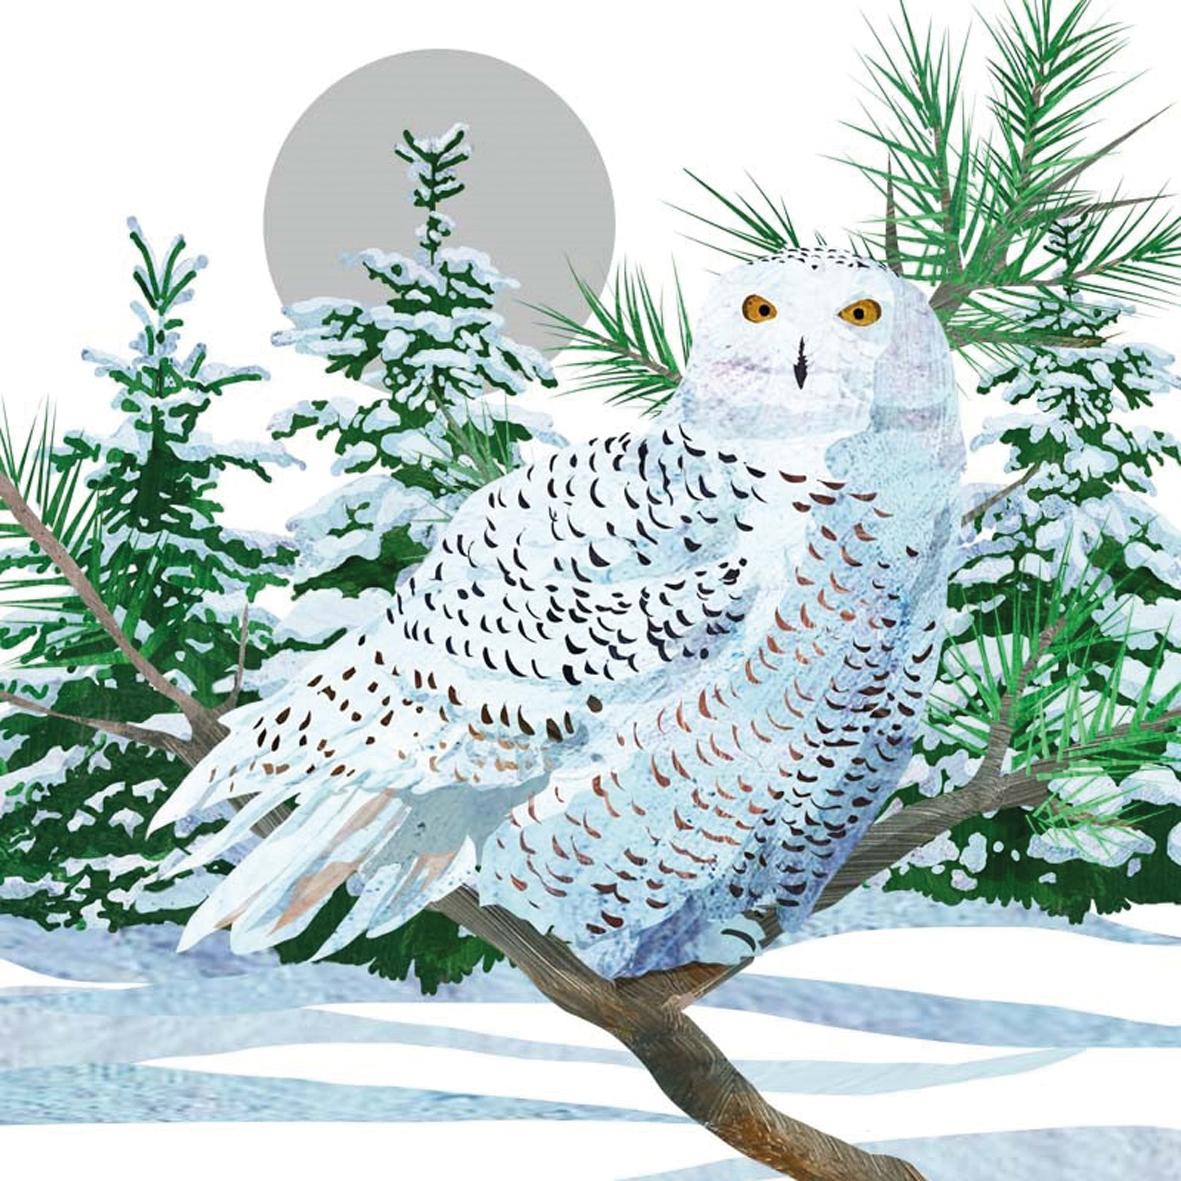 Paperproducts Design,  Tiere -  Sonstige,  Weihnachten,  cocktail servietten,  Eulen